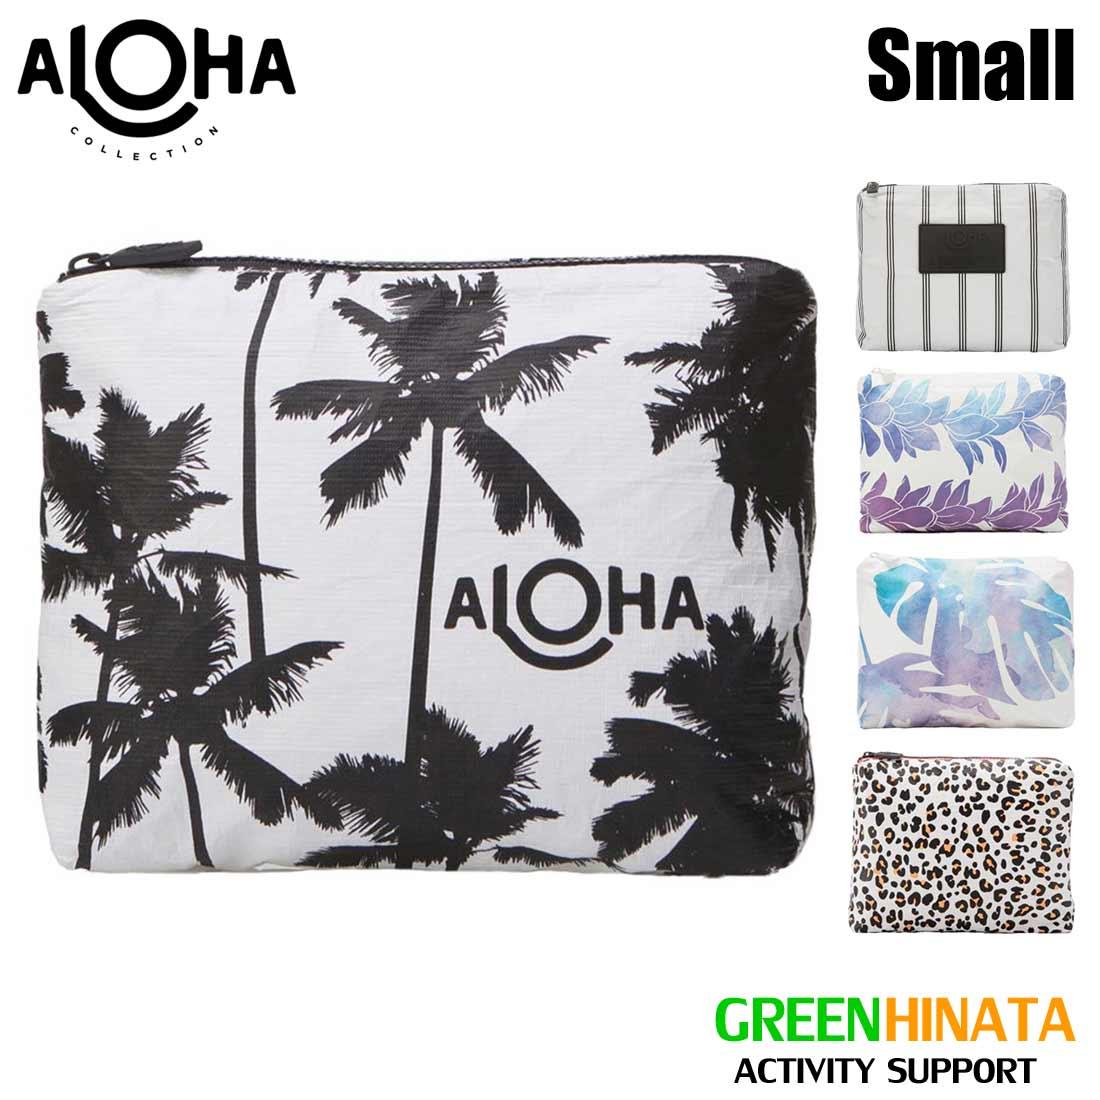 受注生産品 正規品 代引き不可 ALOHA COLLECTION 国内正規品 アロハコレクション 2021 スモールポーチ Small Pouch 小物入れ